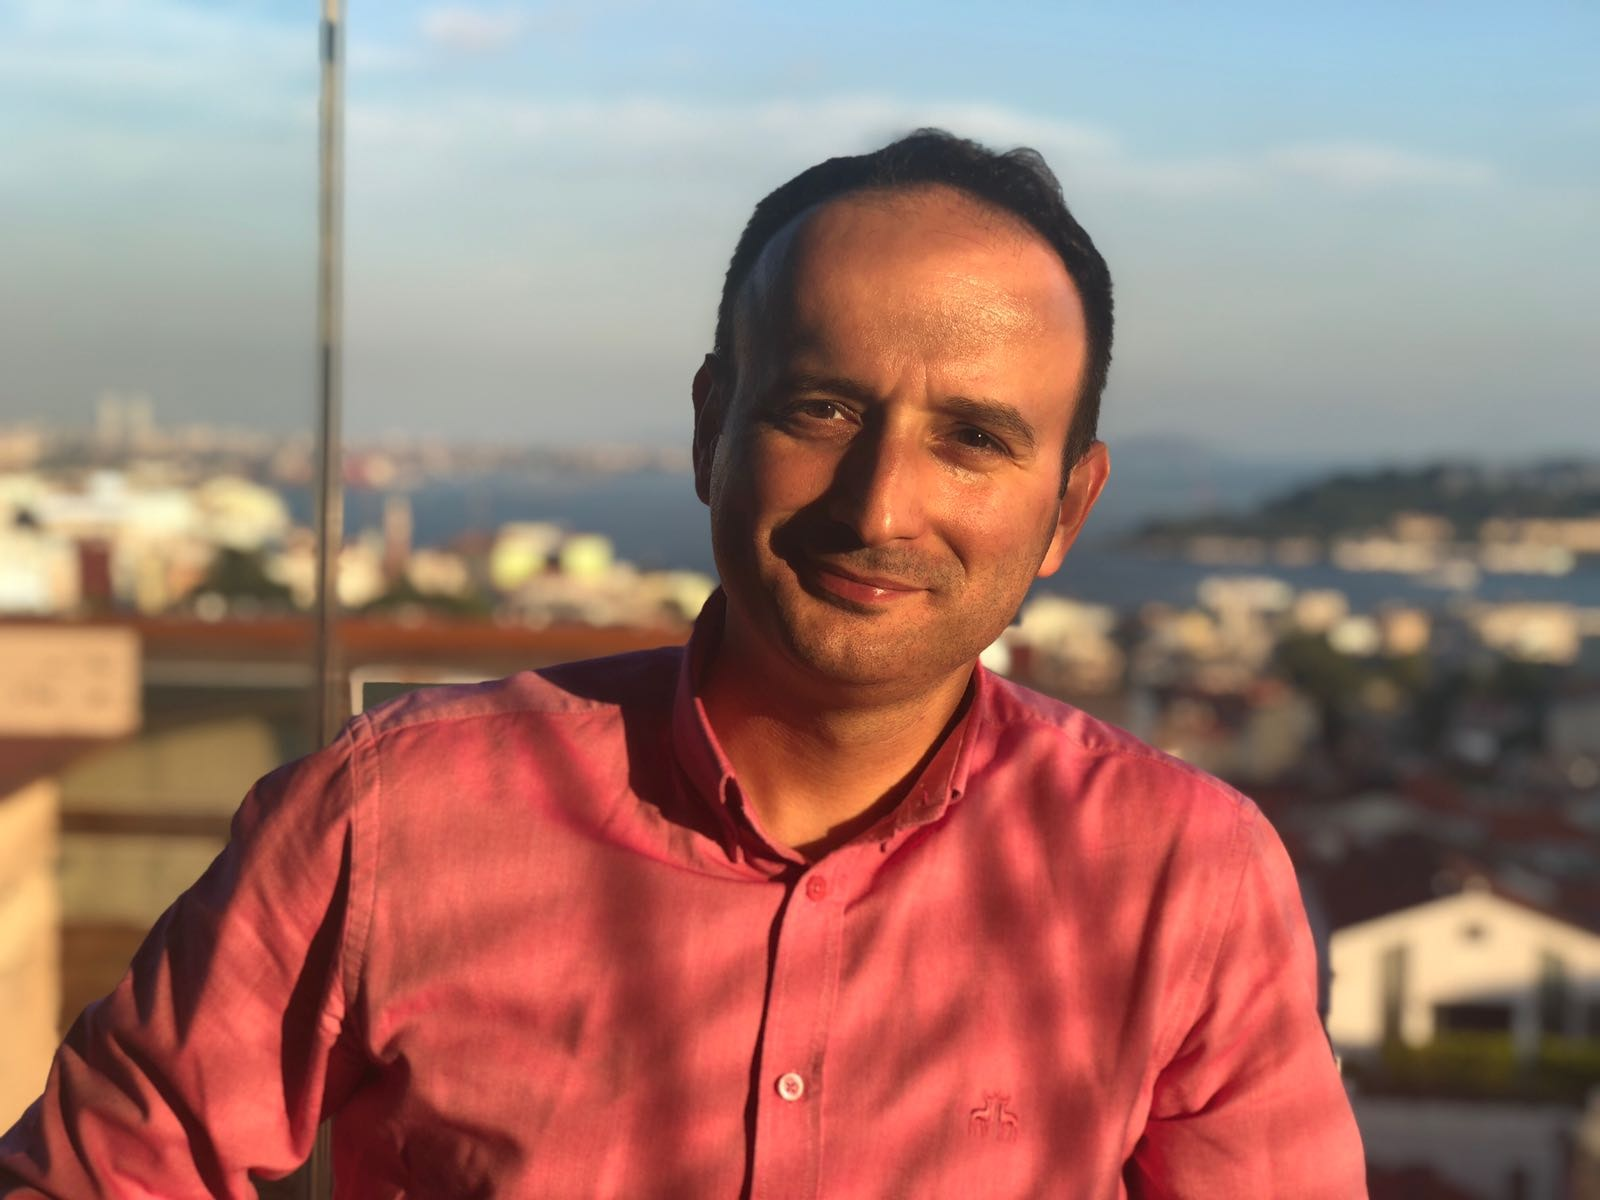 Go to Derzulya Zaza's profile